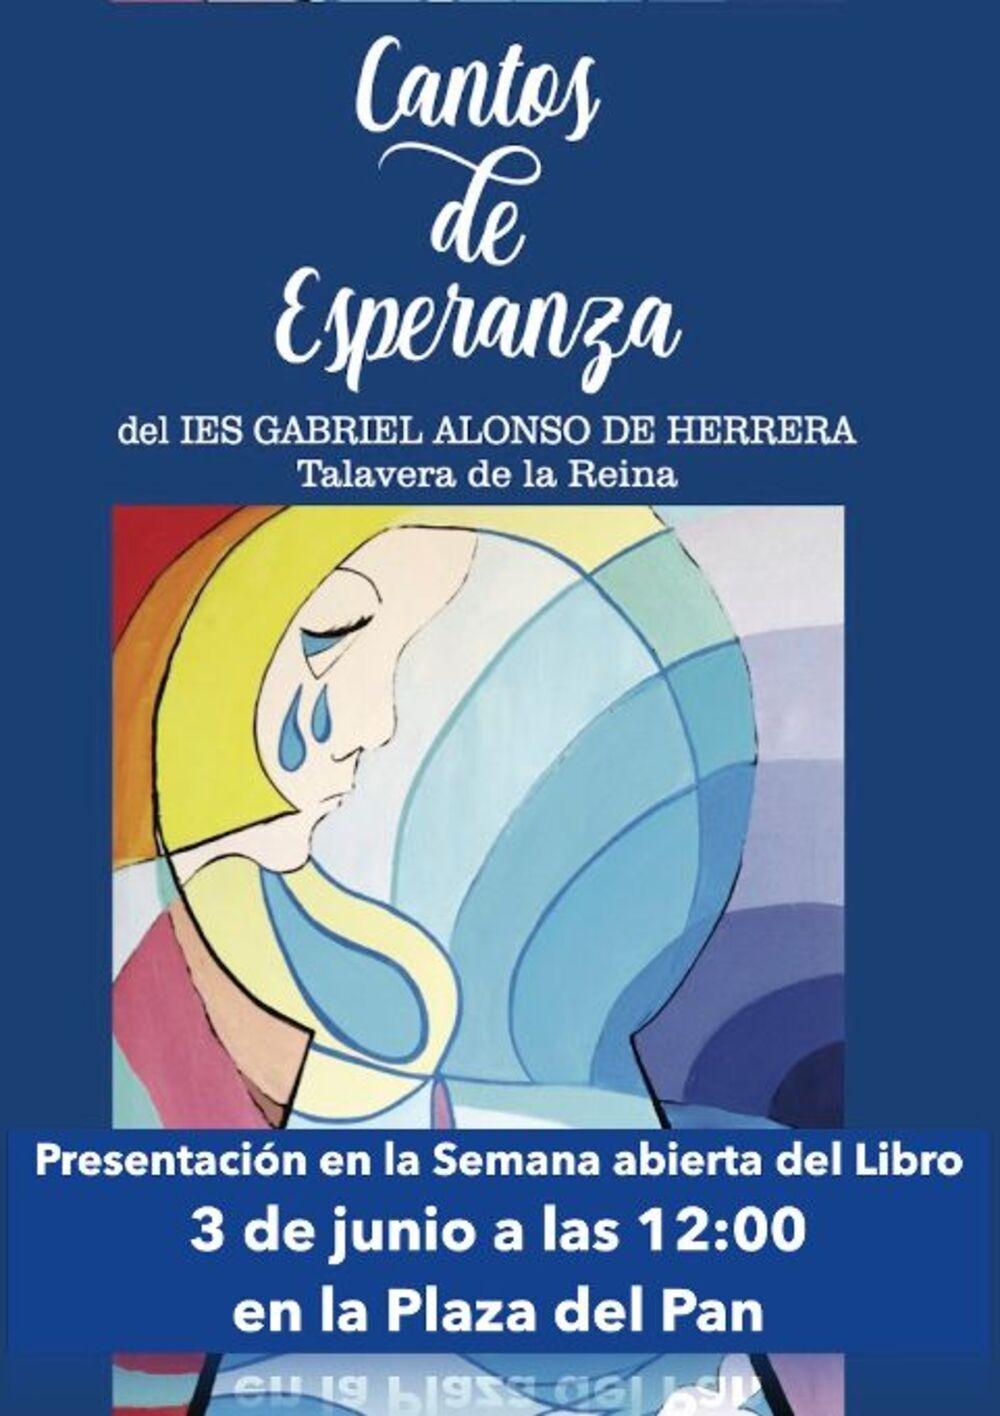 El Alonso de Herrera reúne sus experiencias de la pandemia